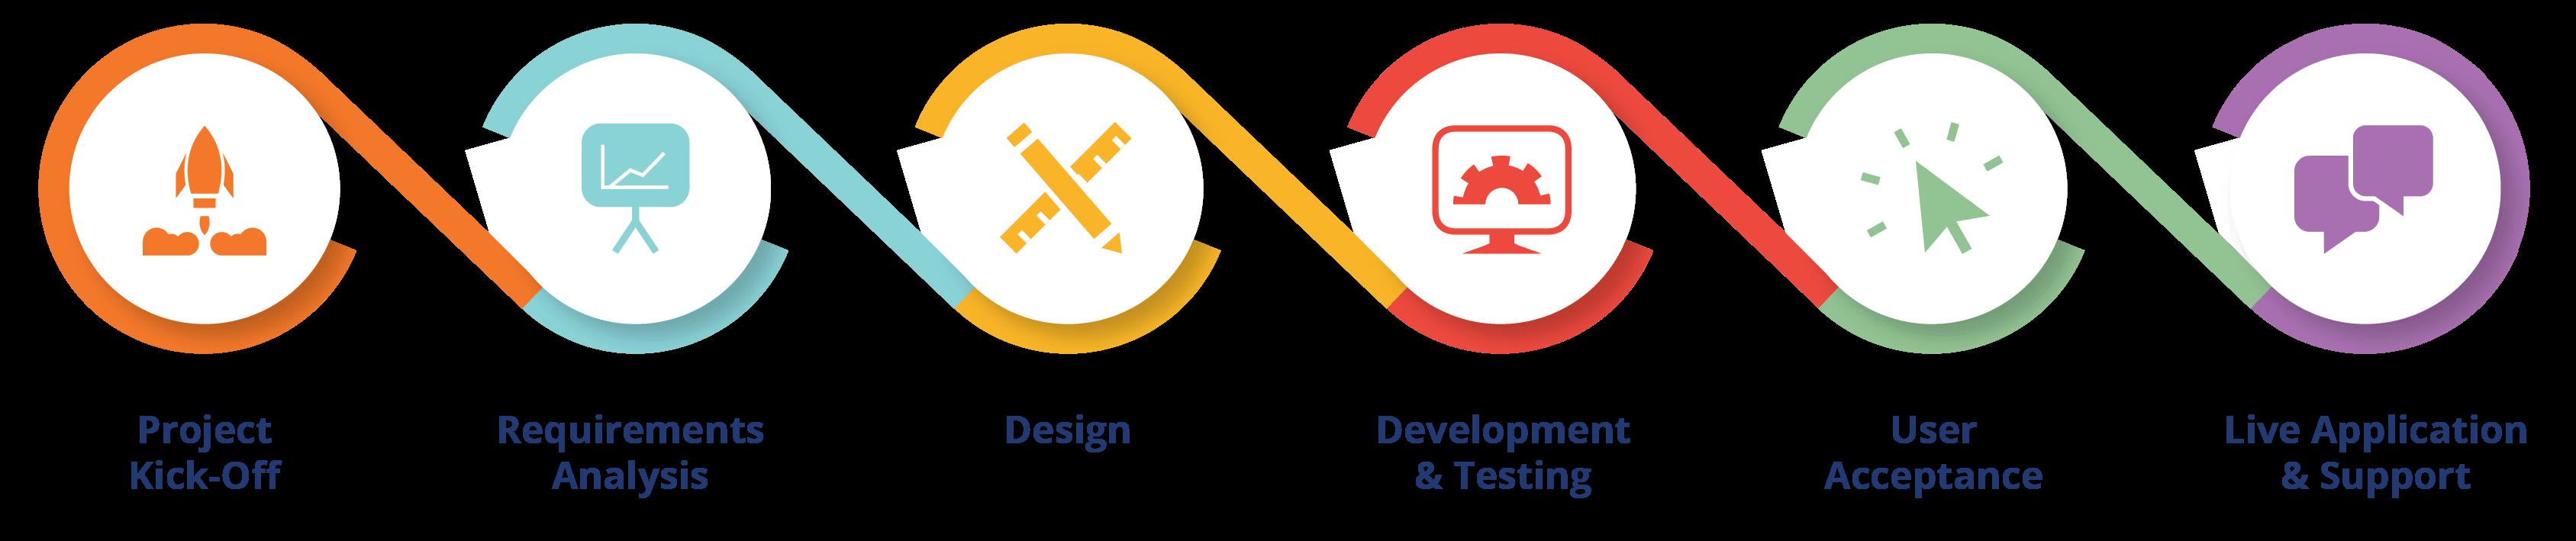 software development Aciron project approach diagram